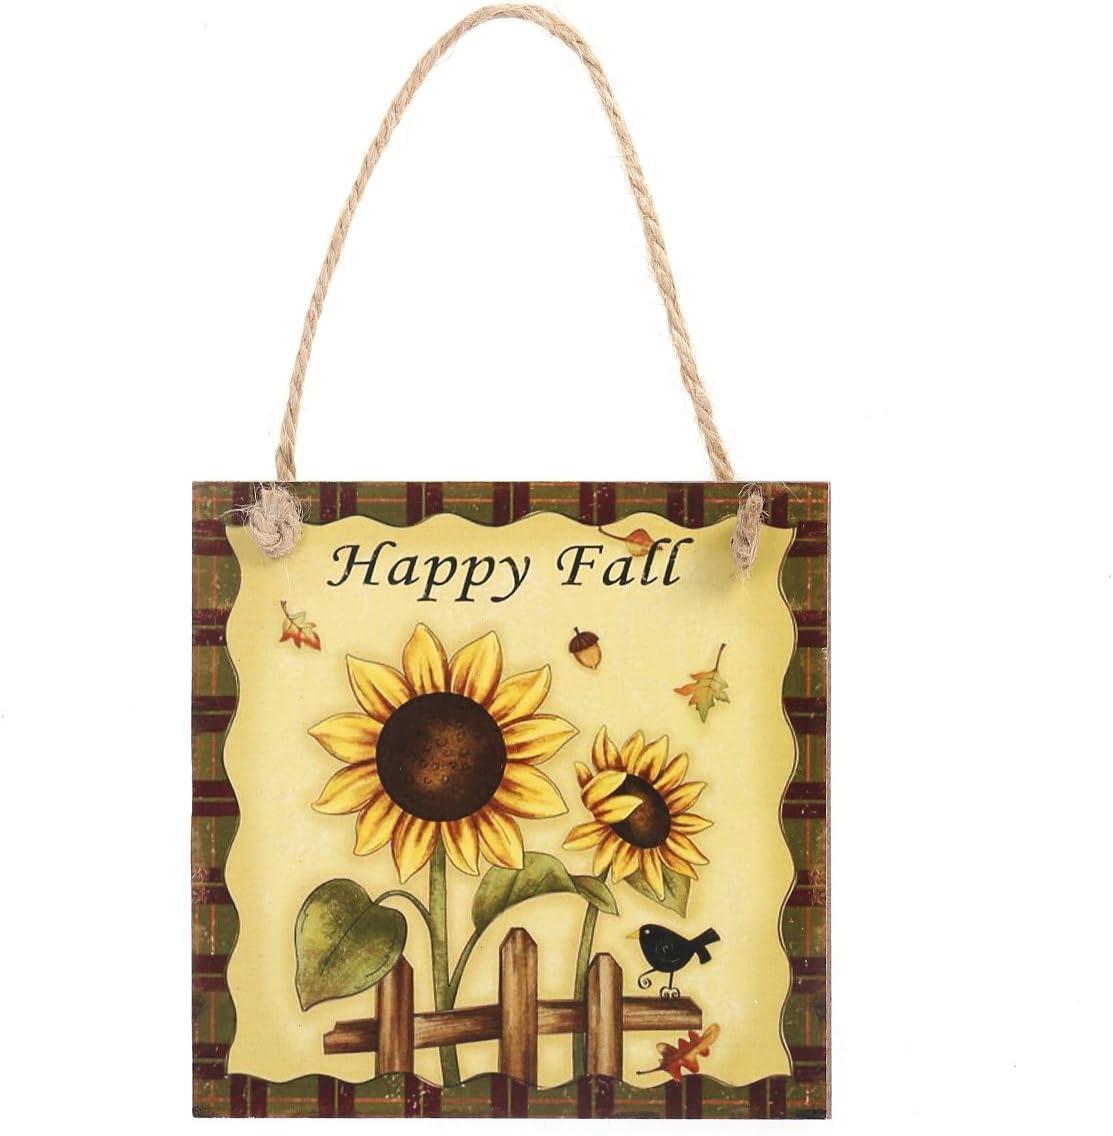 Thanksgiving Door Decorations Happy Fall Hanging Decorations Plaque Sign Harvest Thanksgiving Door Hanger